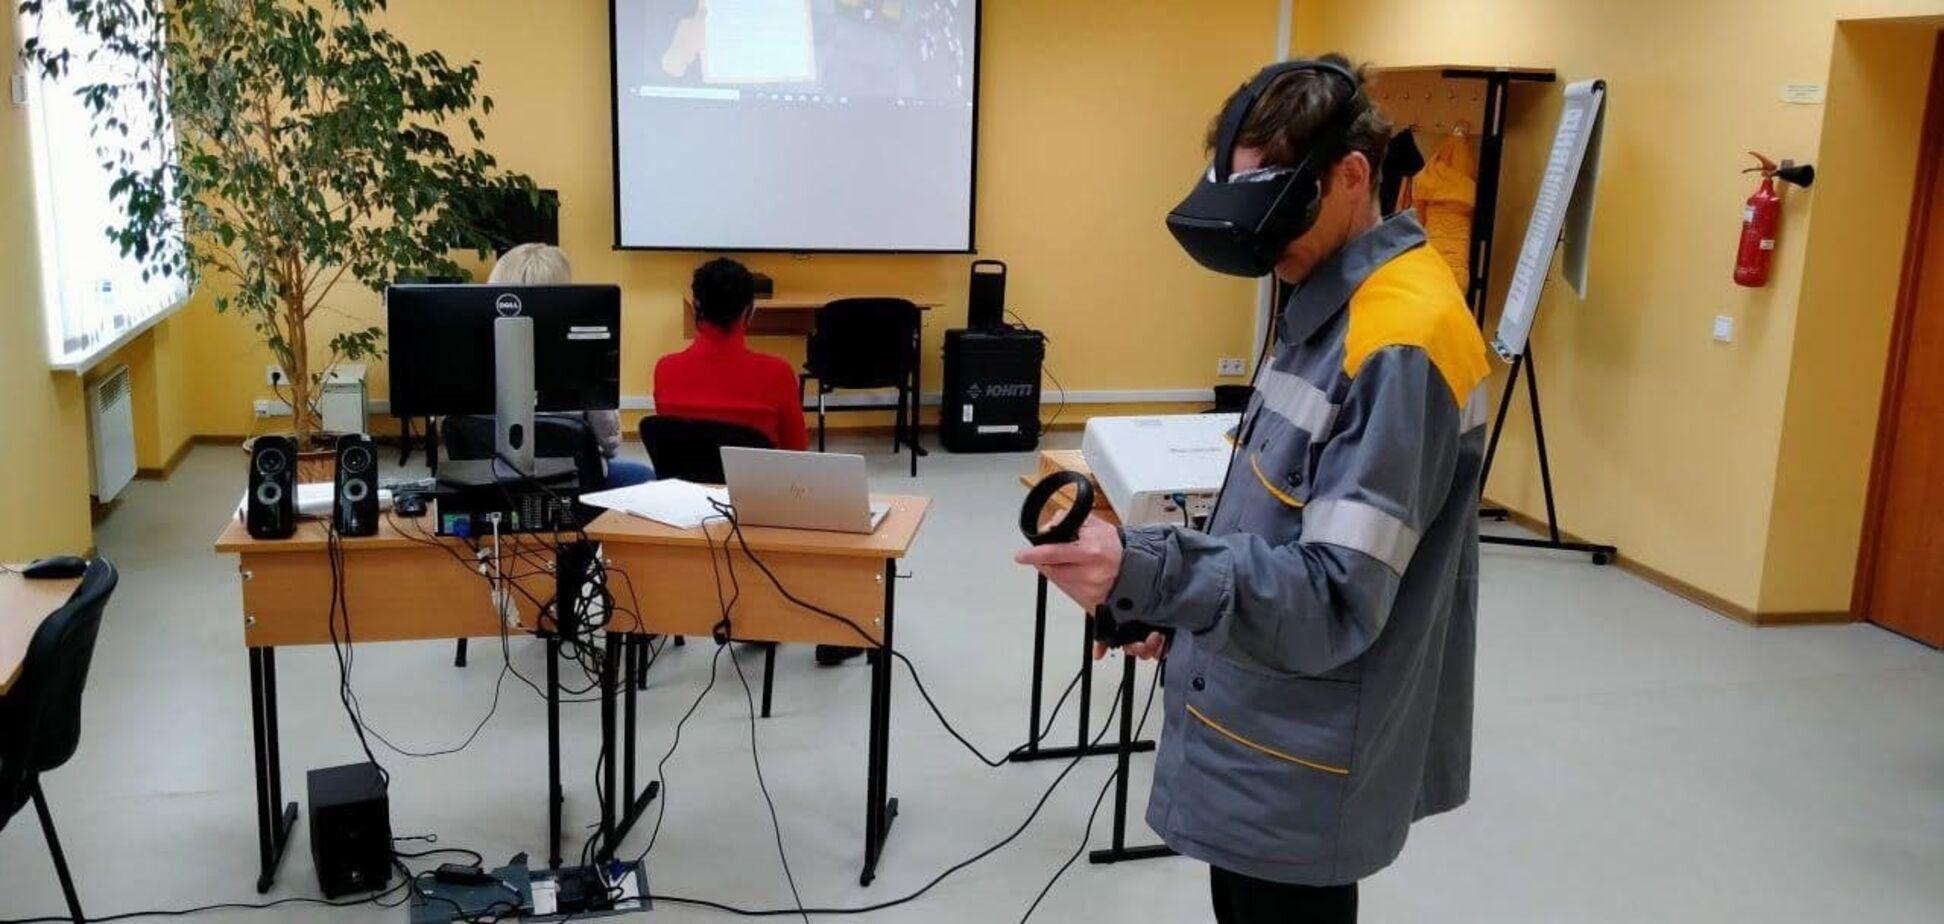 Кар'єрні перспективи: понад сто студентів залучили до проєкту дуальної освіти ДТЕК Мережі